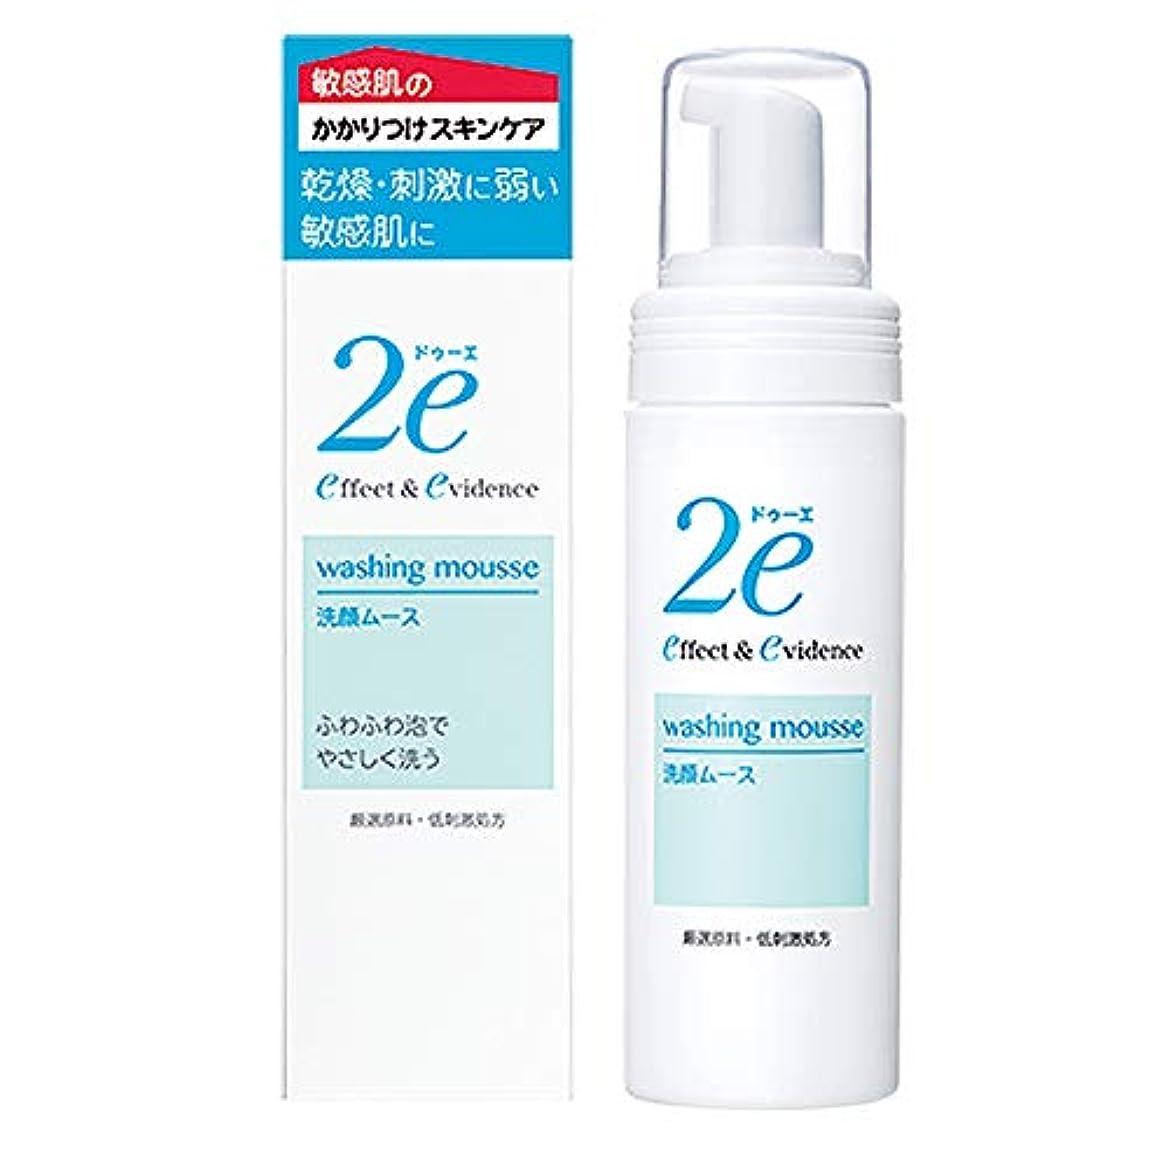 迷信ワイヤーしないでください2e(ドゥーエ) 洗顔ムース 敏感肌用洗顔料 低刺激処方 泡で出てくるポンプタイプ 120ml